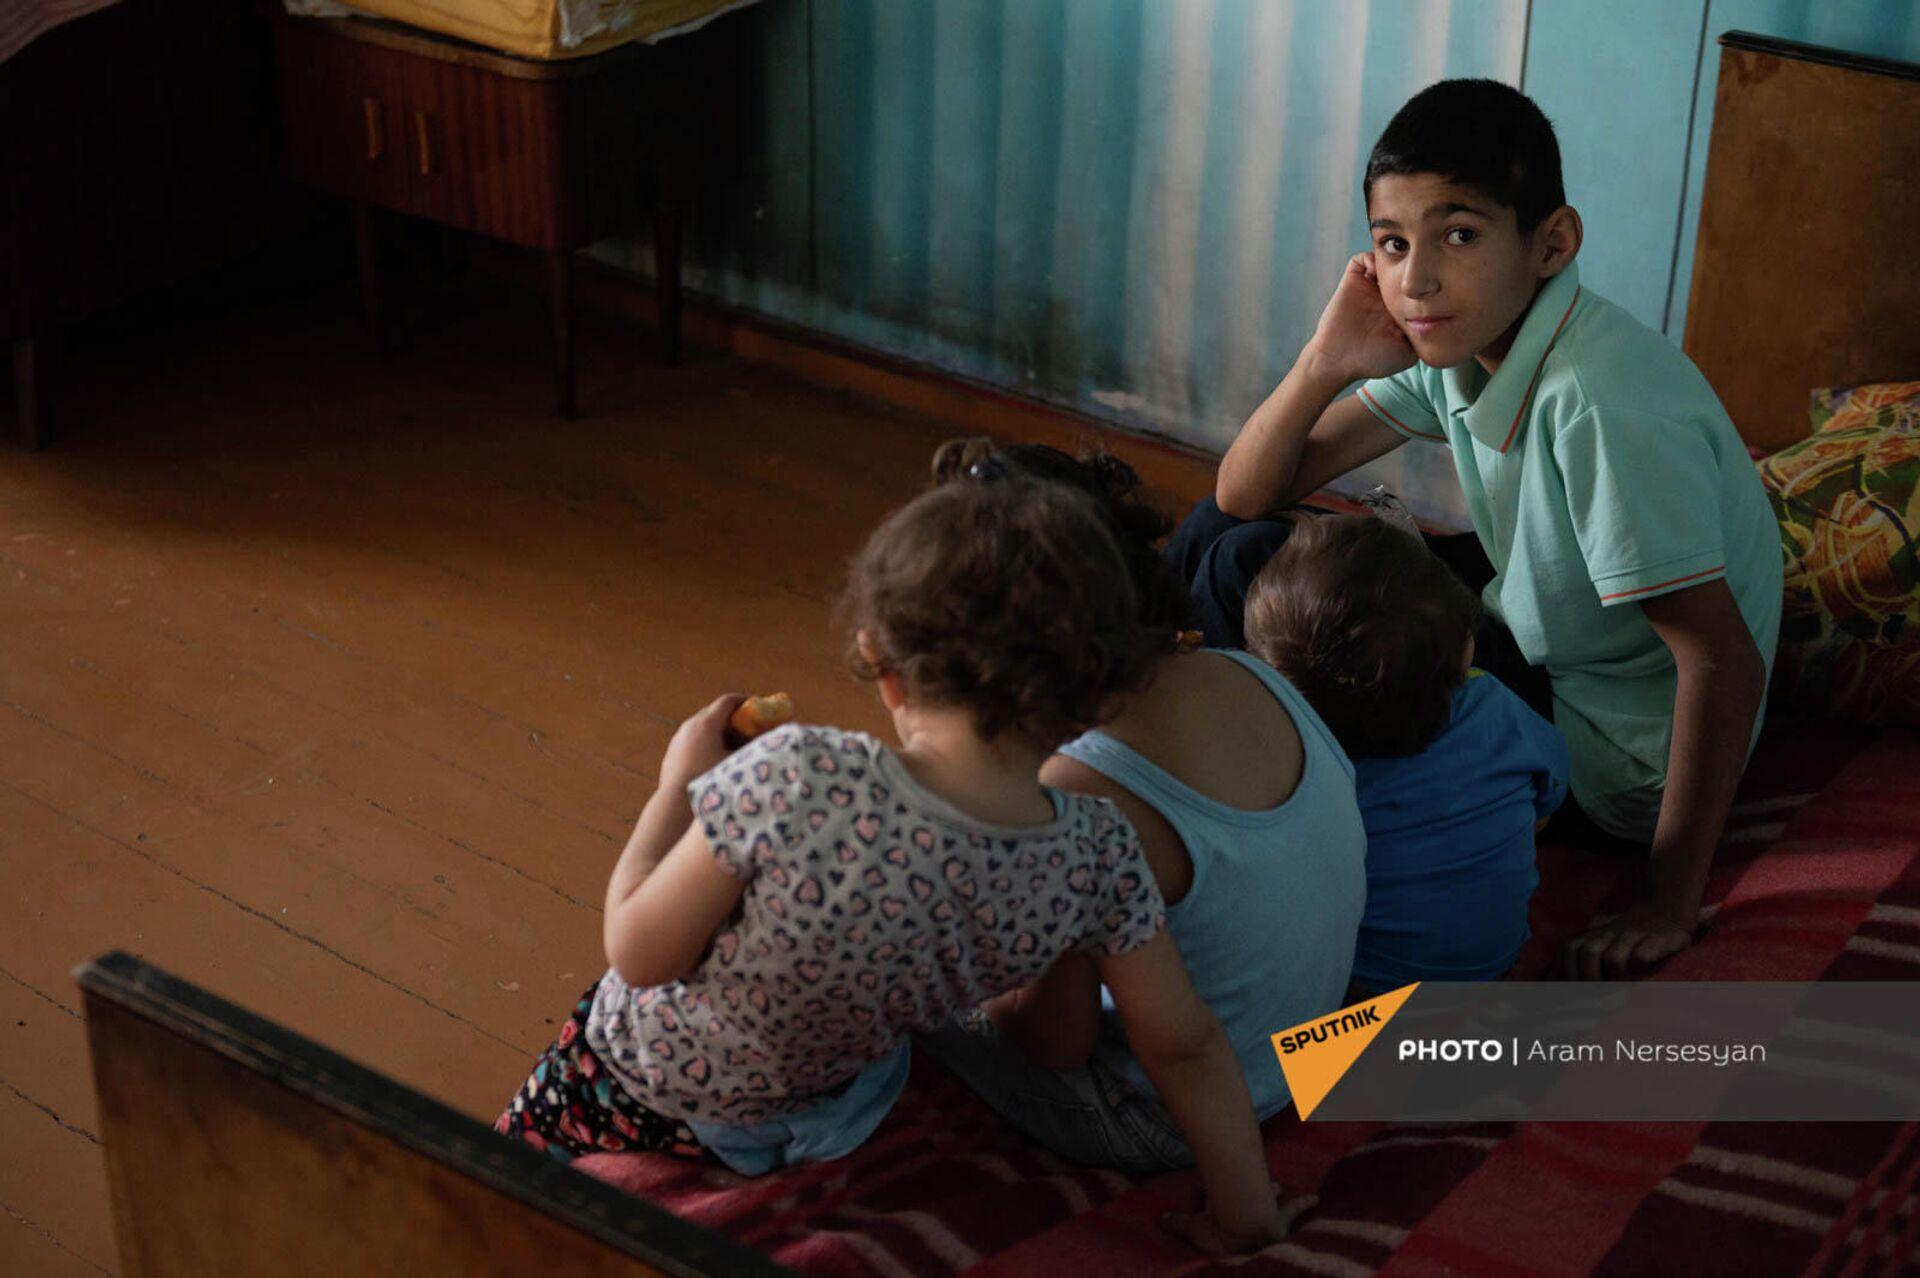 Дети Лианы Жамгарян - Арут, Ованнес, Мерине и Анна - Sputnik Армения, 1920, 24.09.2021